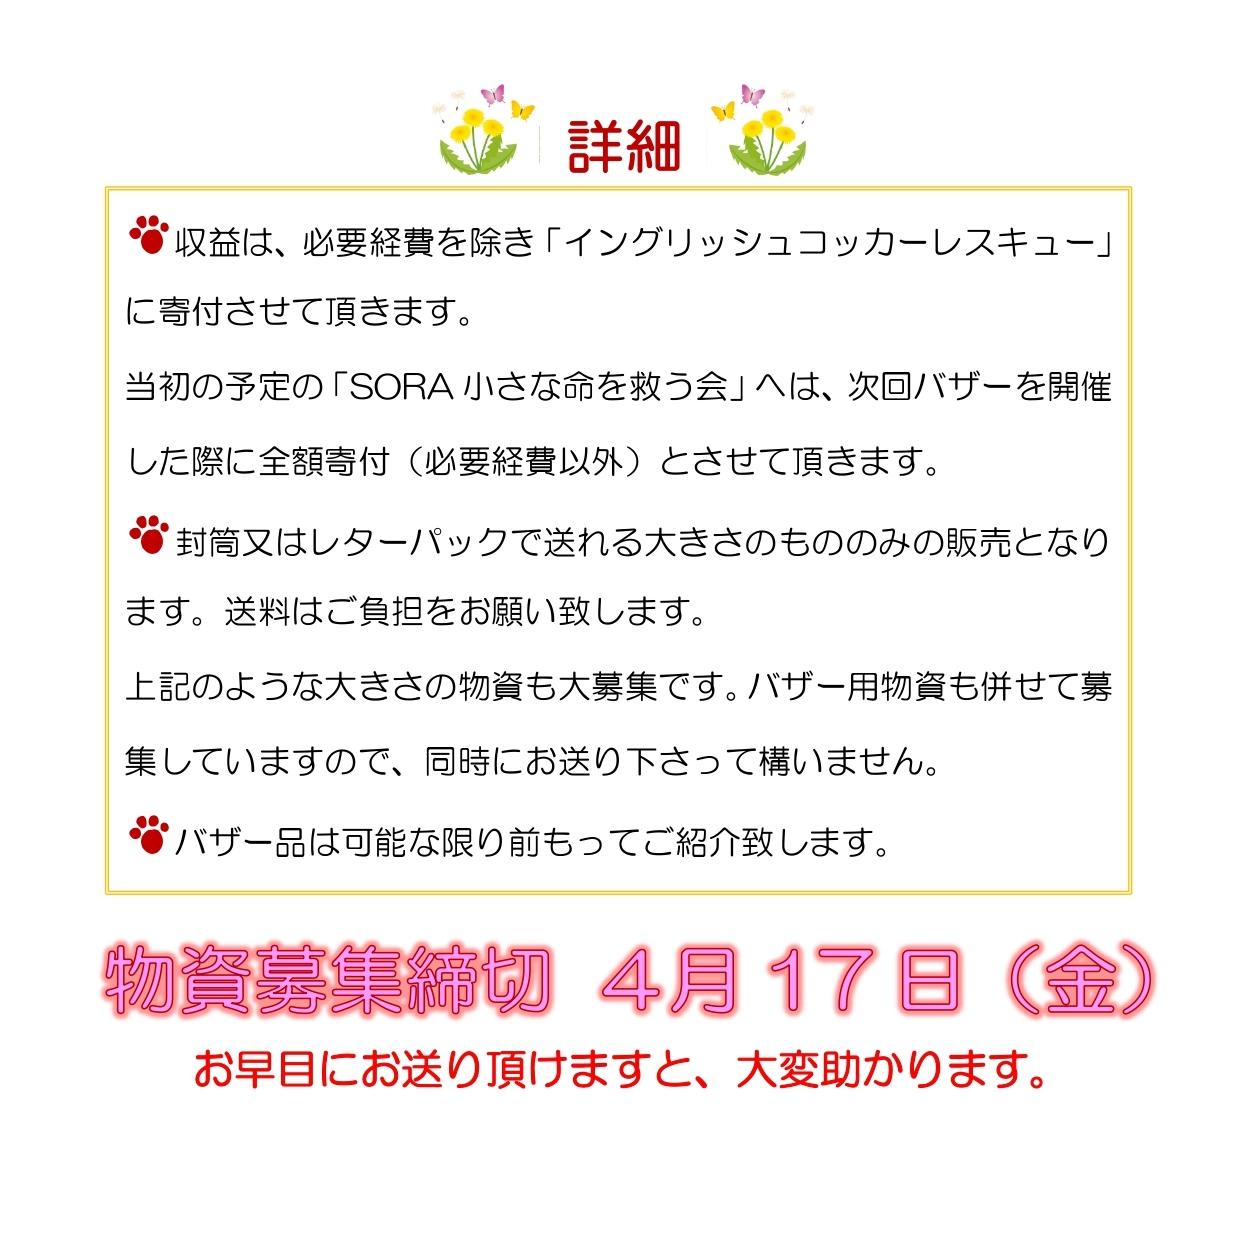 ☆4月24日ネットdeチャリティーバザー開催決定!_d0356729_01034907.jpg